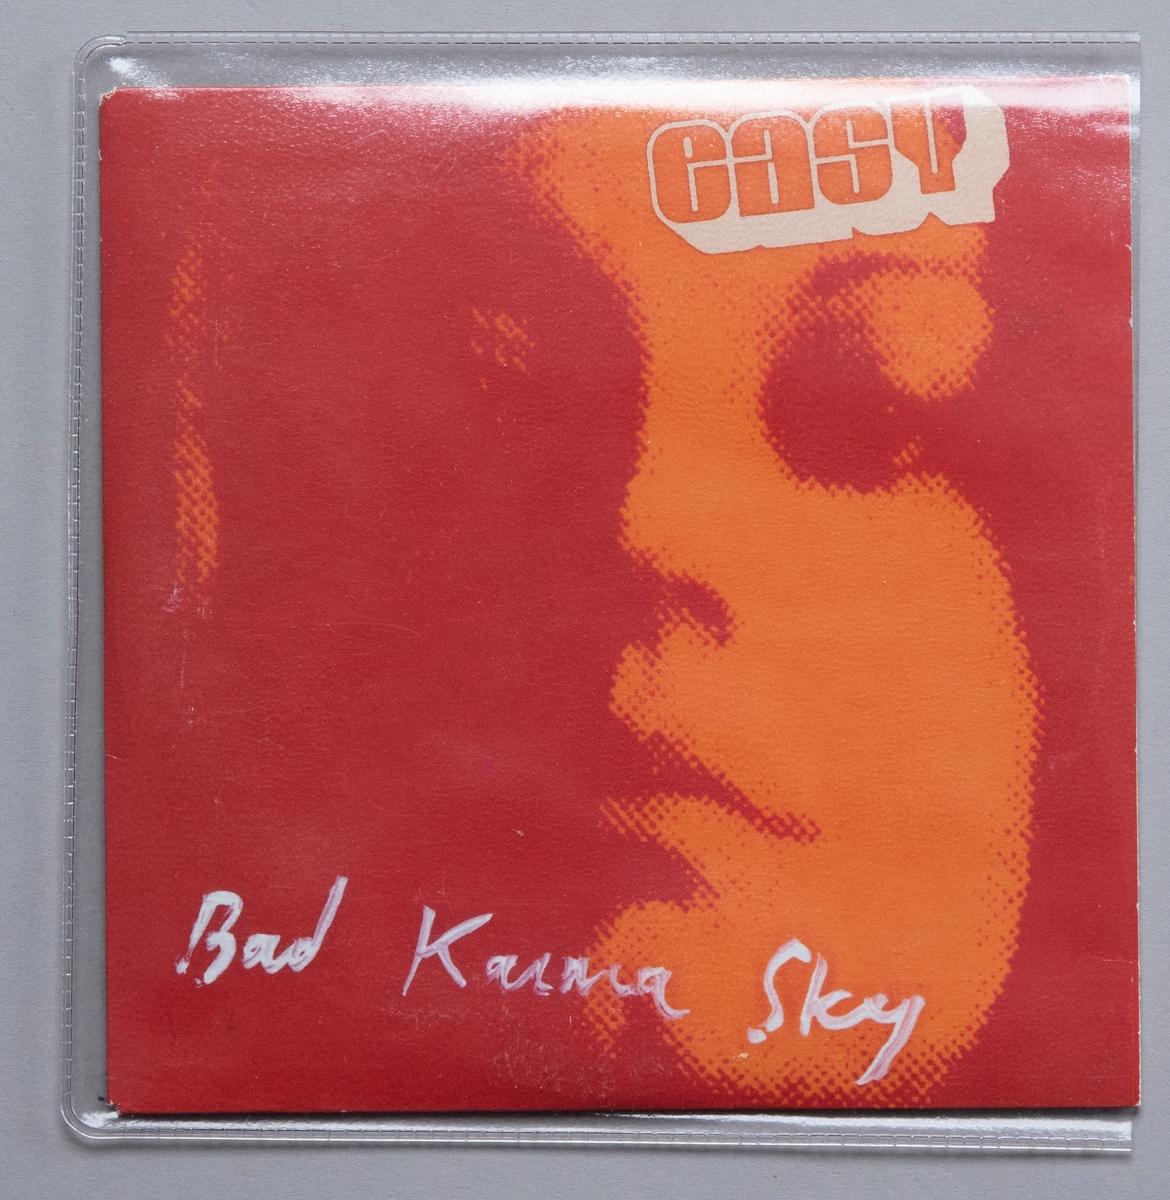 CD-skiva i konvolut av papper, i plastficka.  Innehåll: 1. Bad Karma Sky 2. Opend Mind  JM 55271:1, Skiva JM 55271:2, Plastficka JM 55271:3, Konvolut